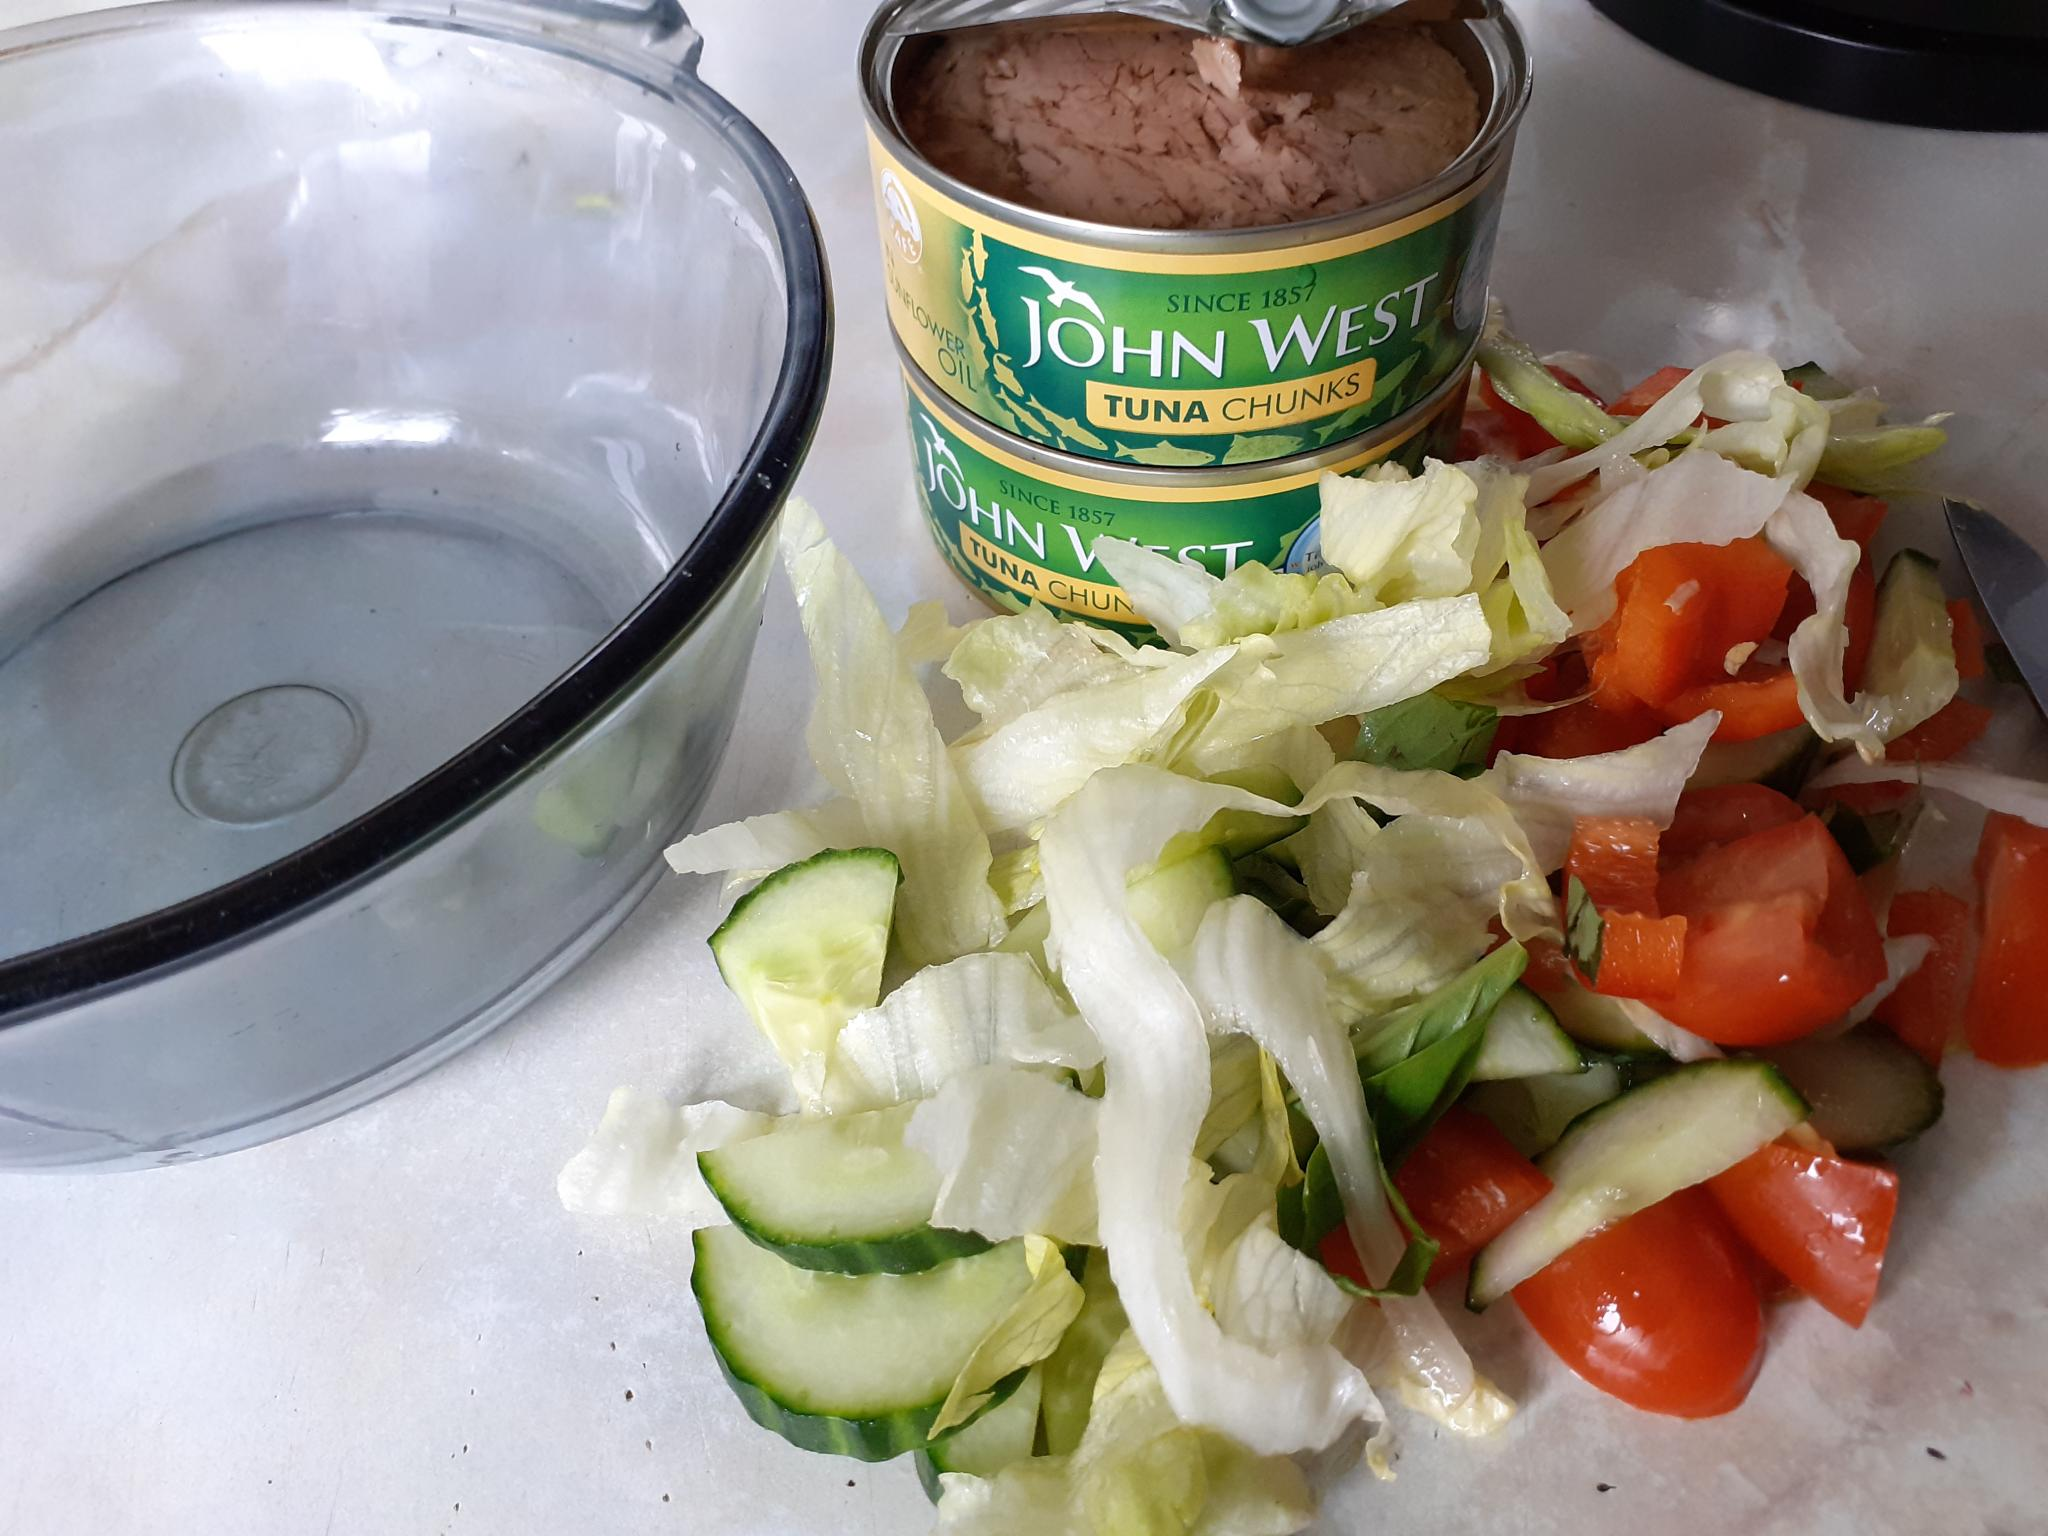 Chittys healthy en salad mixta ala Ruski-20200703_142819-jpg